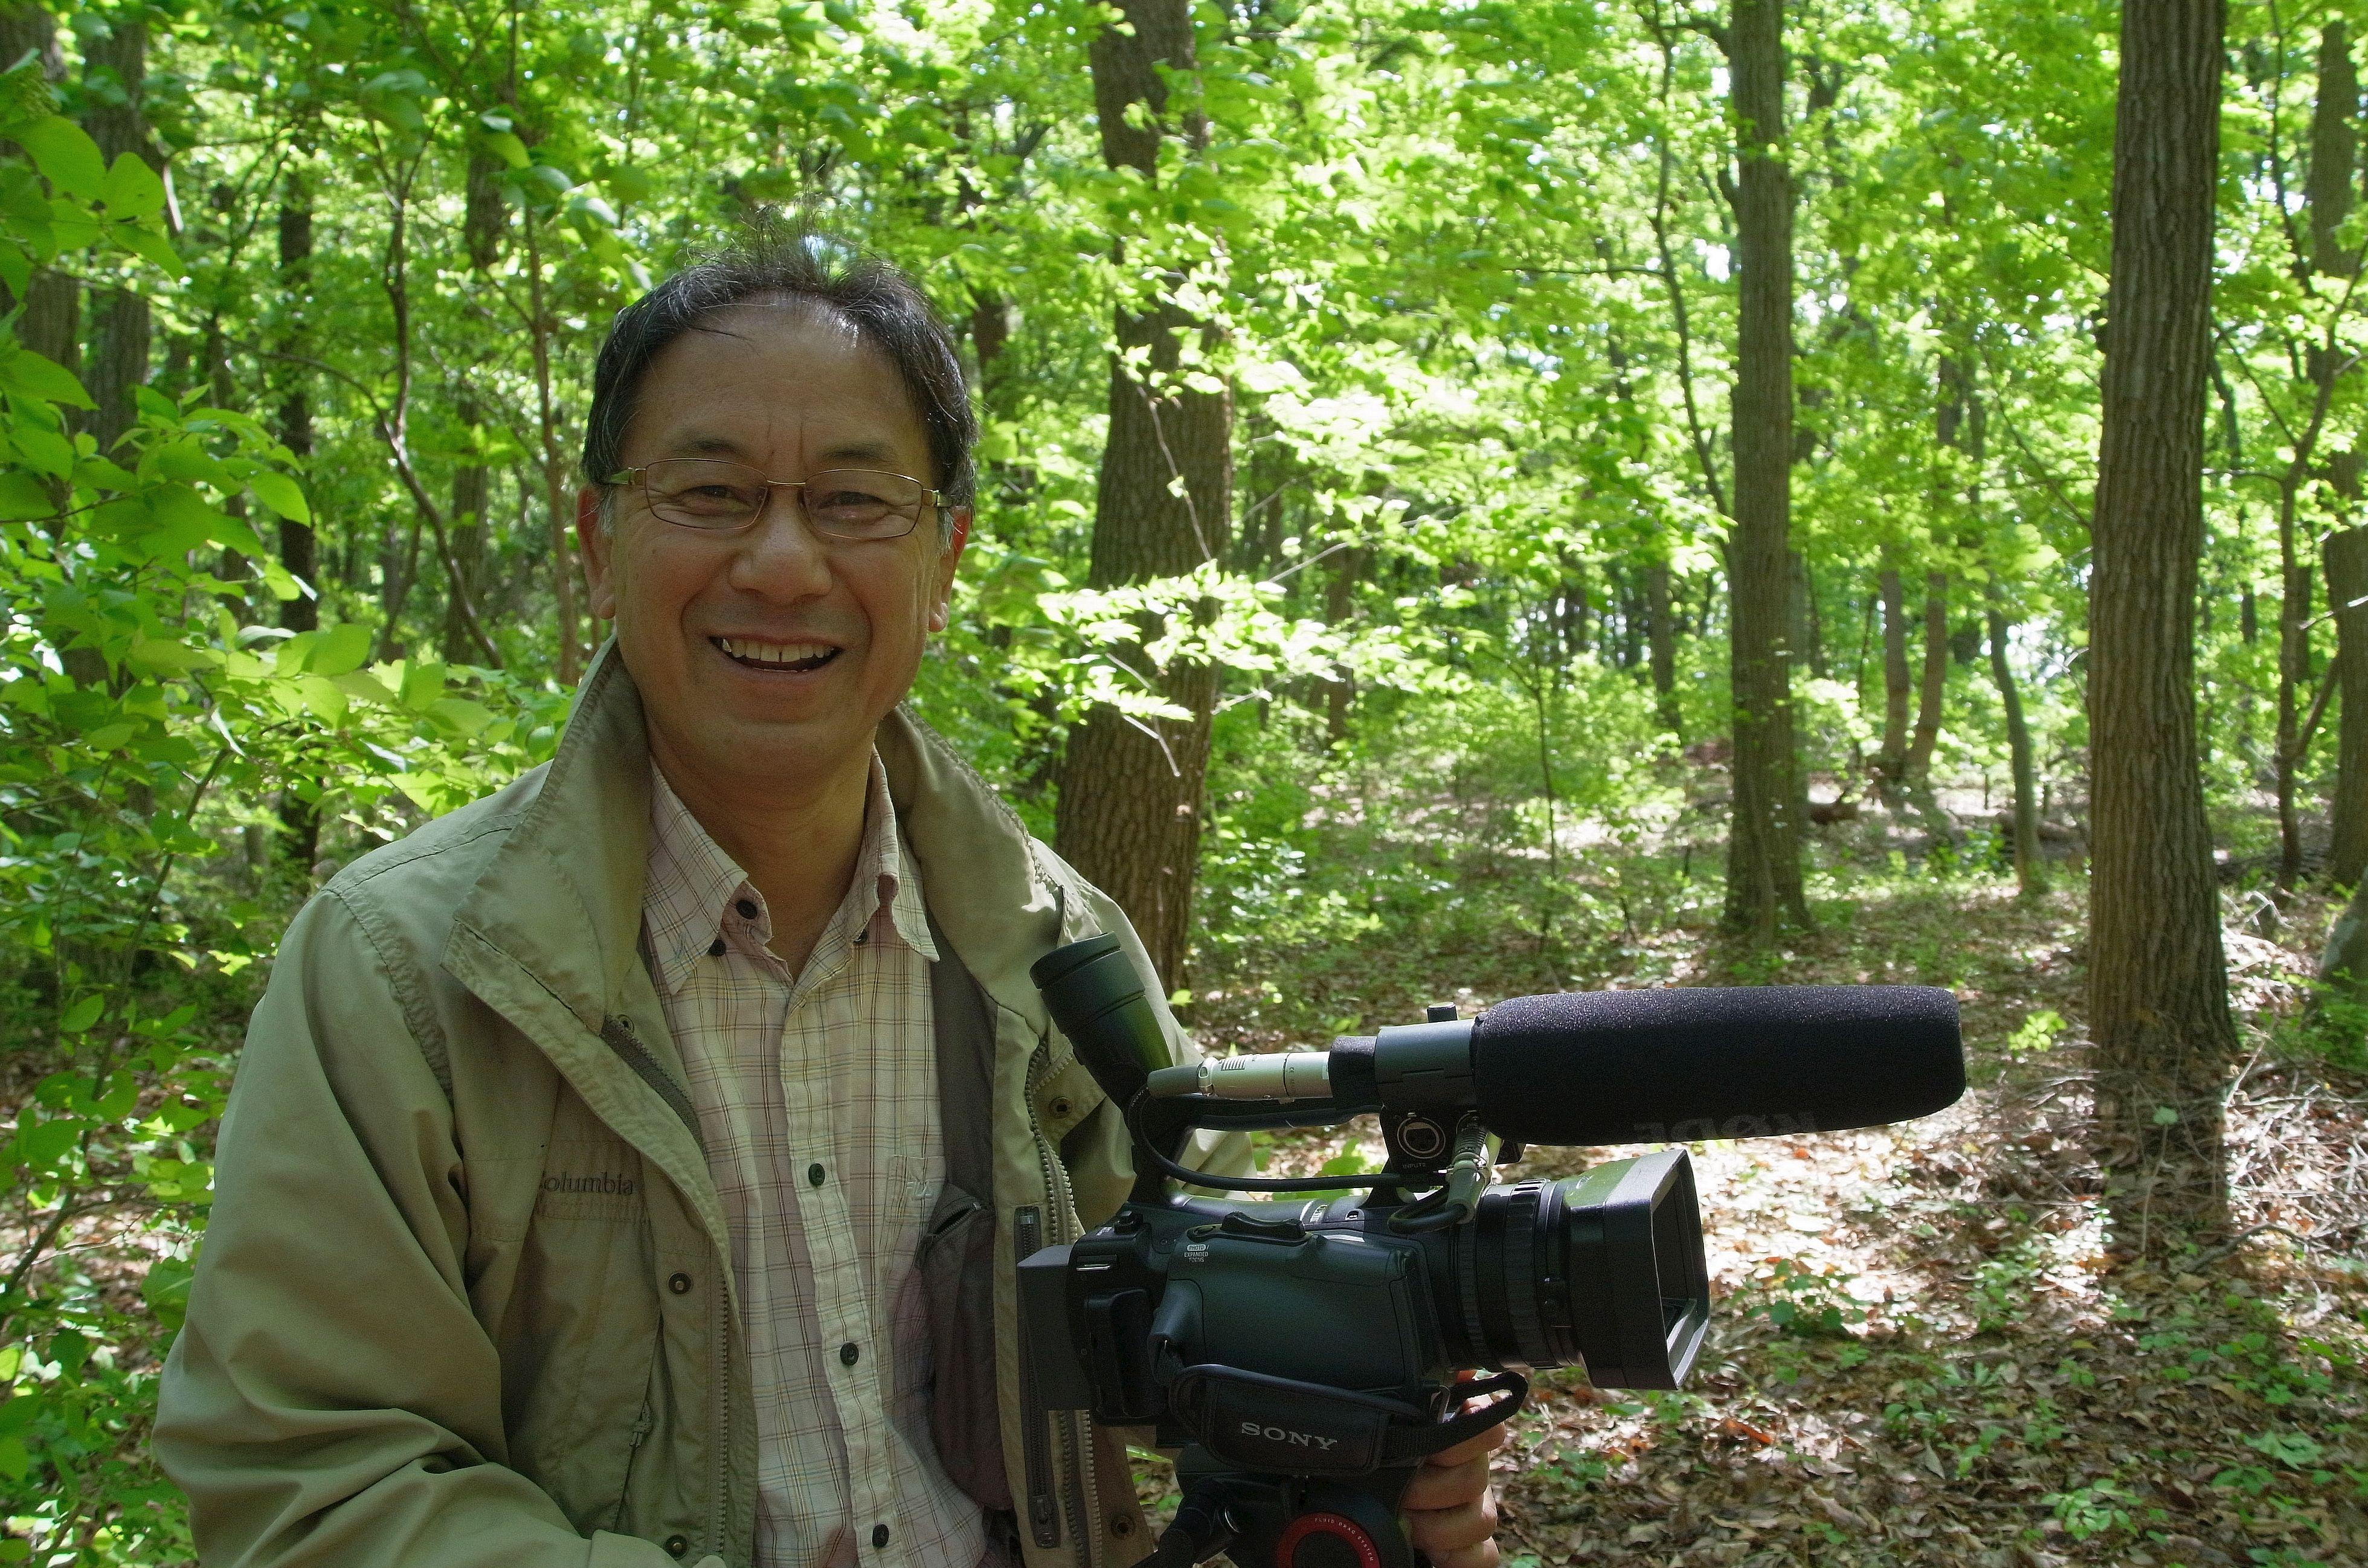 日本農業遺産「武蔵野の落ち葉堆肥農法」を映画に撮った原村政樹監督